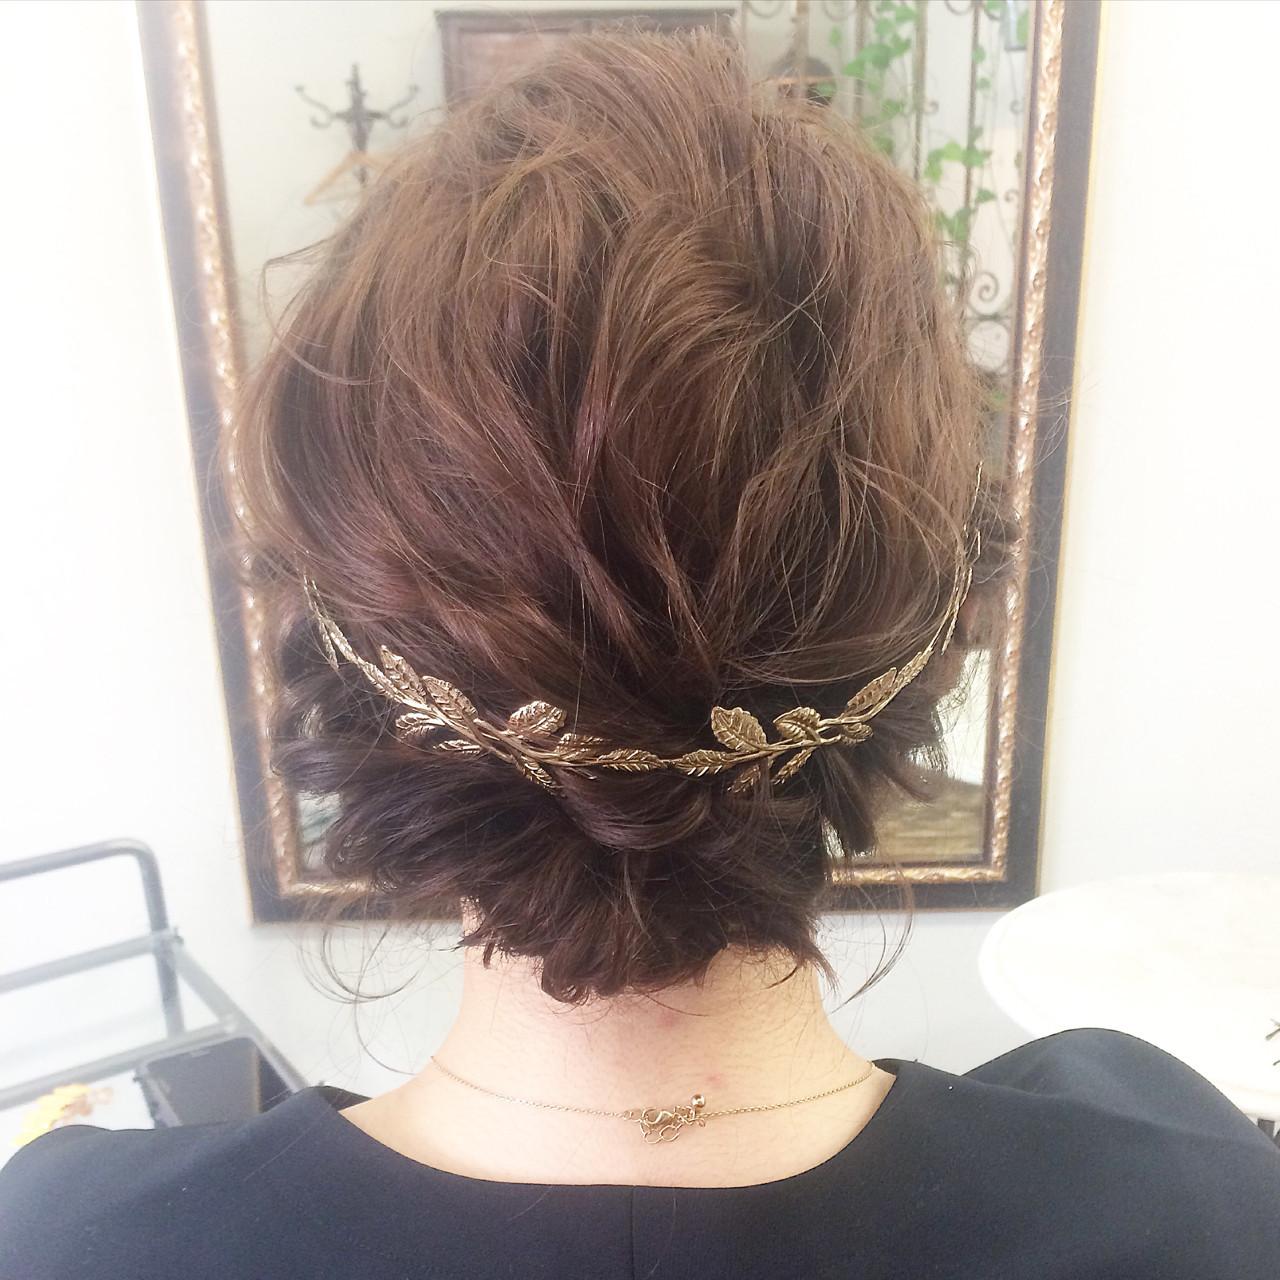 カチューシャを使ったショートのヘアアレンジ 斎藤 菜穂